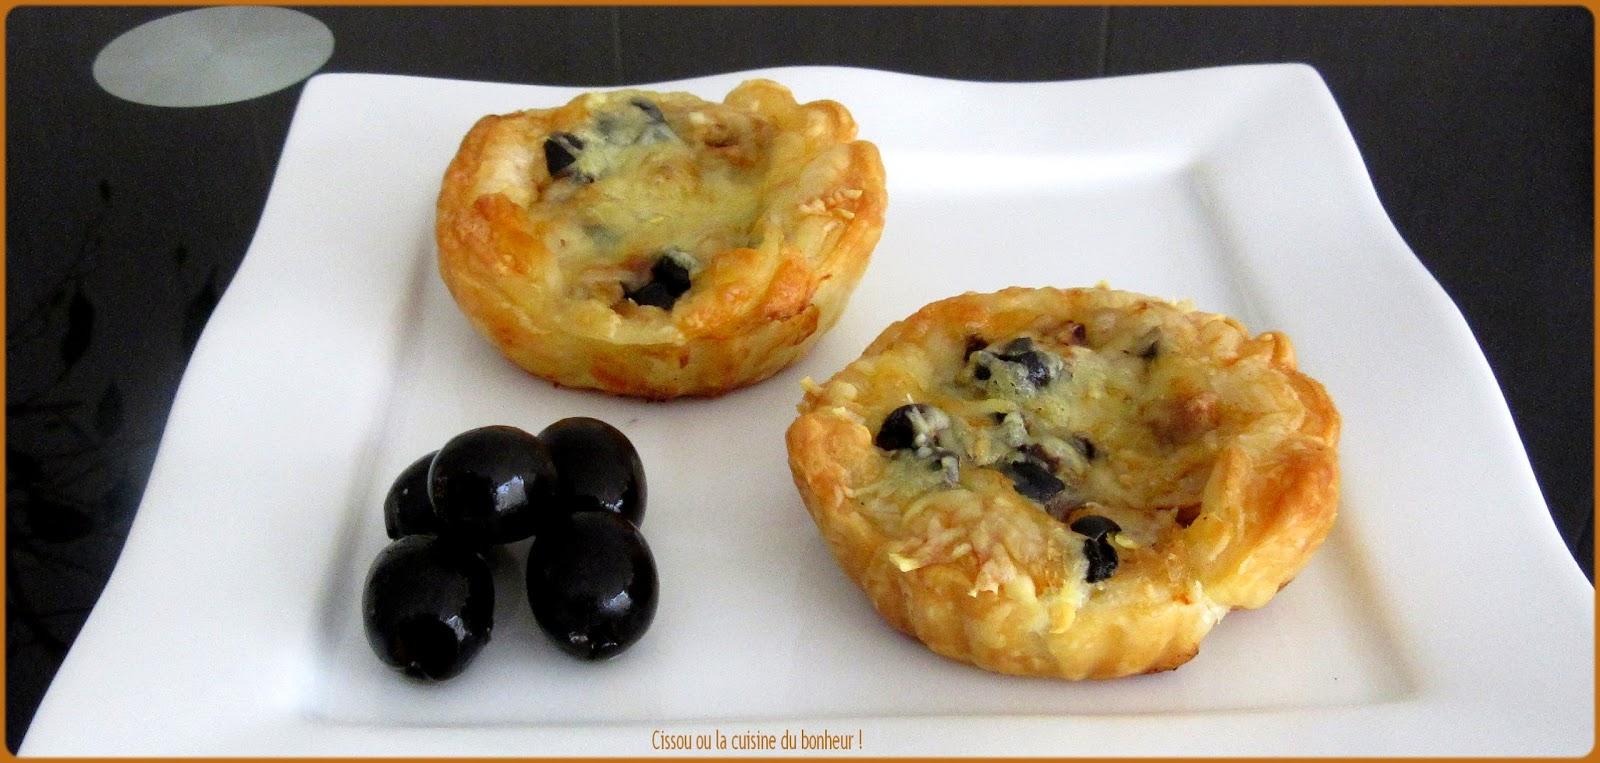 Cissou ou la cuisine du bonheur tartelettes thon olives tomates s ch es - La cuisine du bonheur thermomix ...